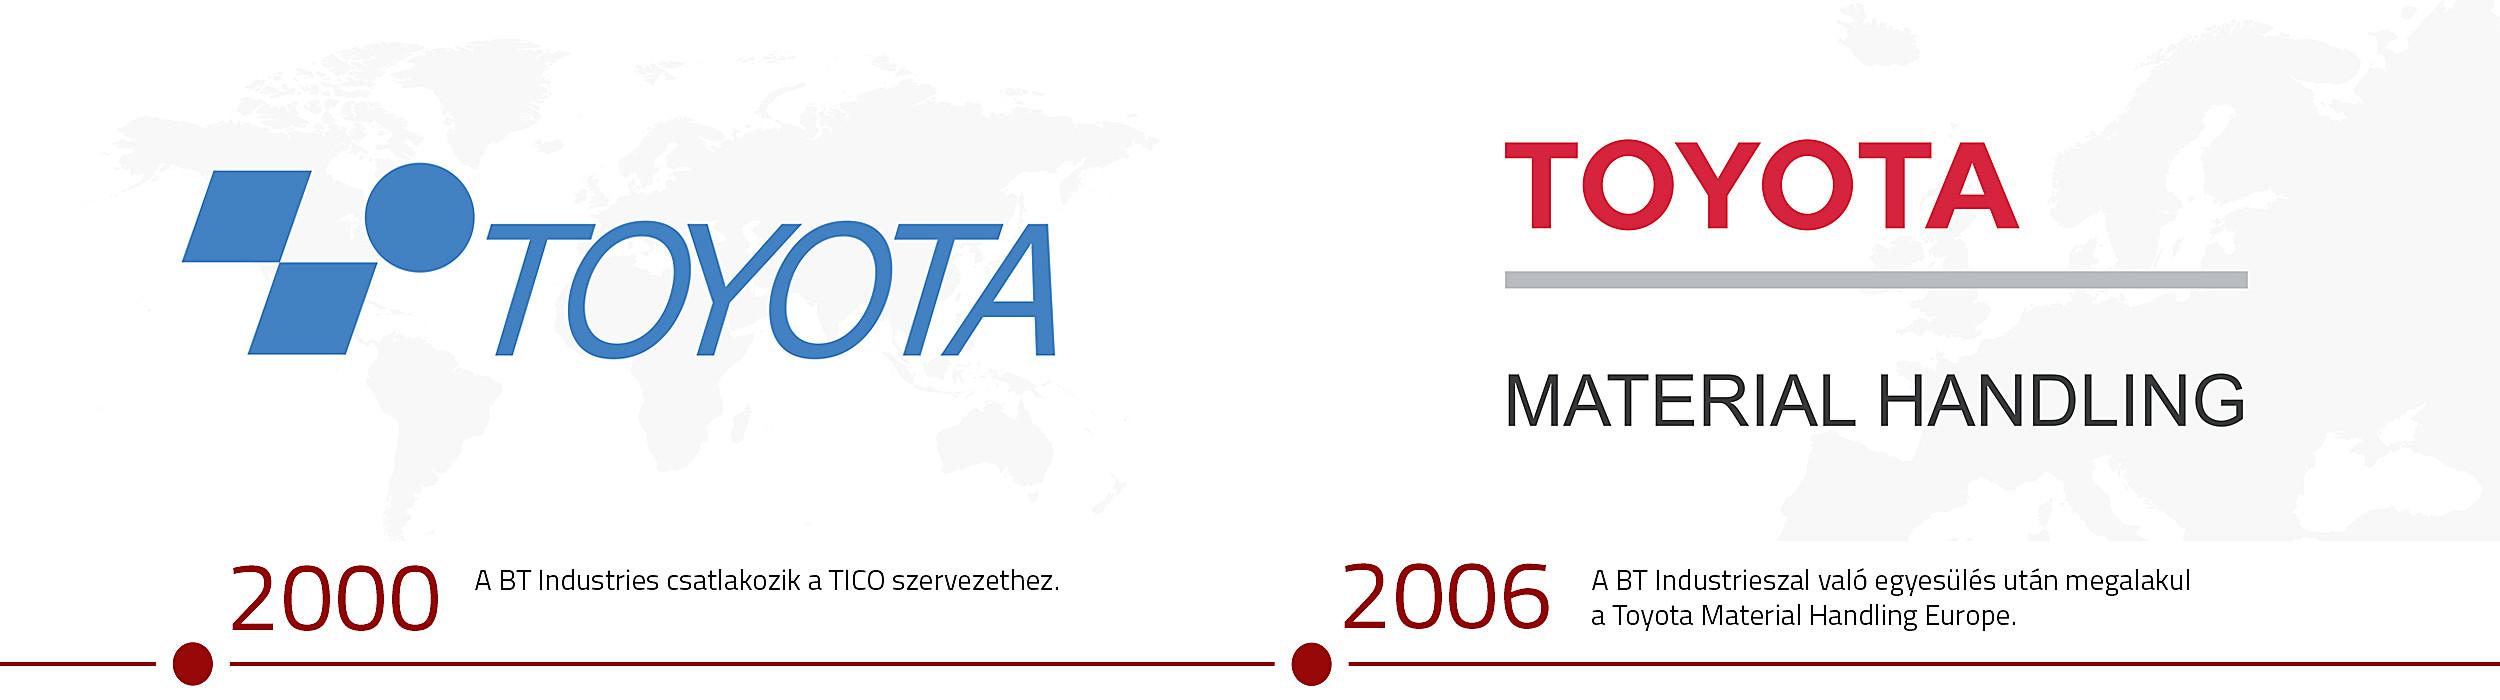 Toyota történelem